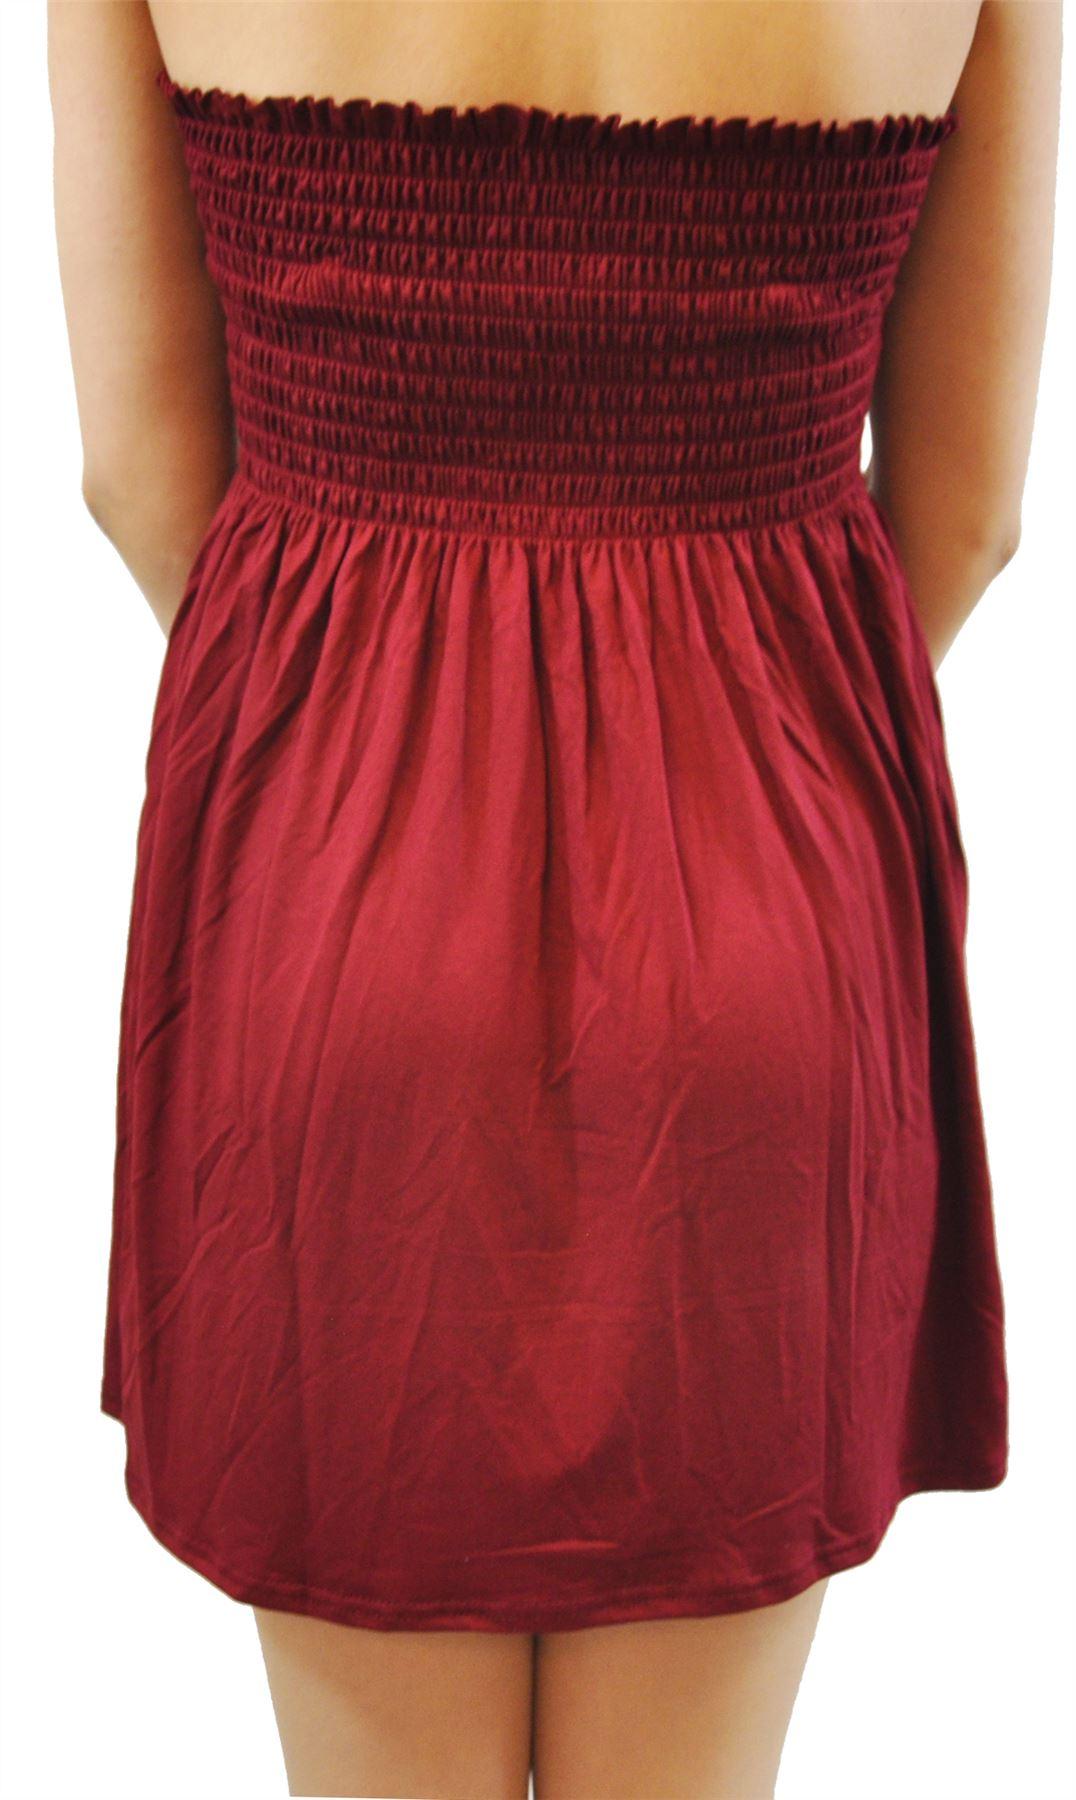 Dames-Plus-Taille-Vin-Feuilles-Papillon-Sheering-Sans-bretelles-Boob-Tube-Tops miniature 11